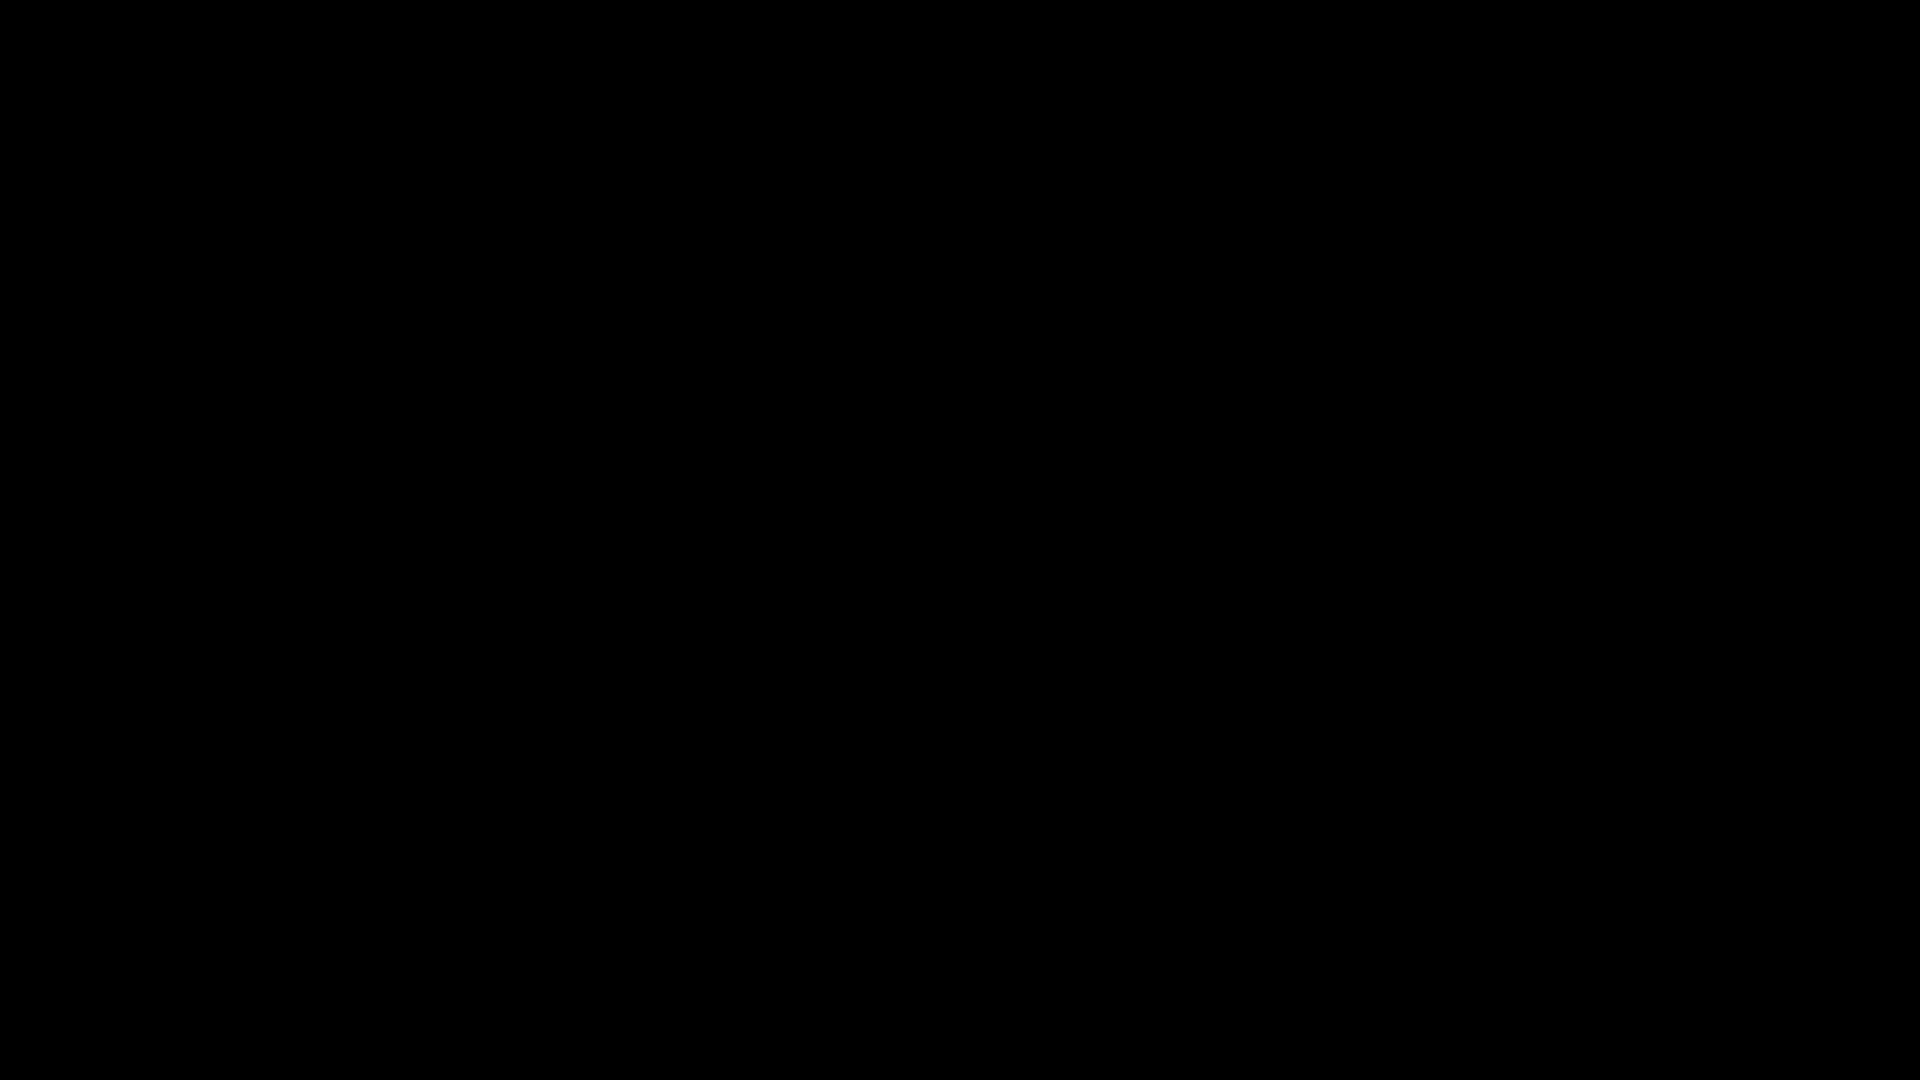 5kg Modelo de argila Não-tóxico super light weight macio Magia argila do polímero argila de super